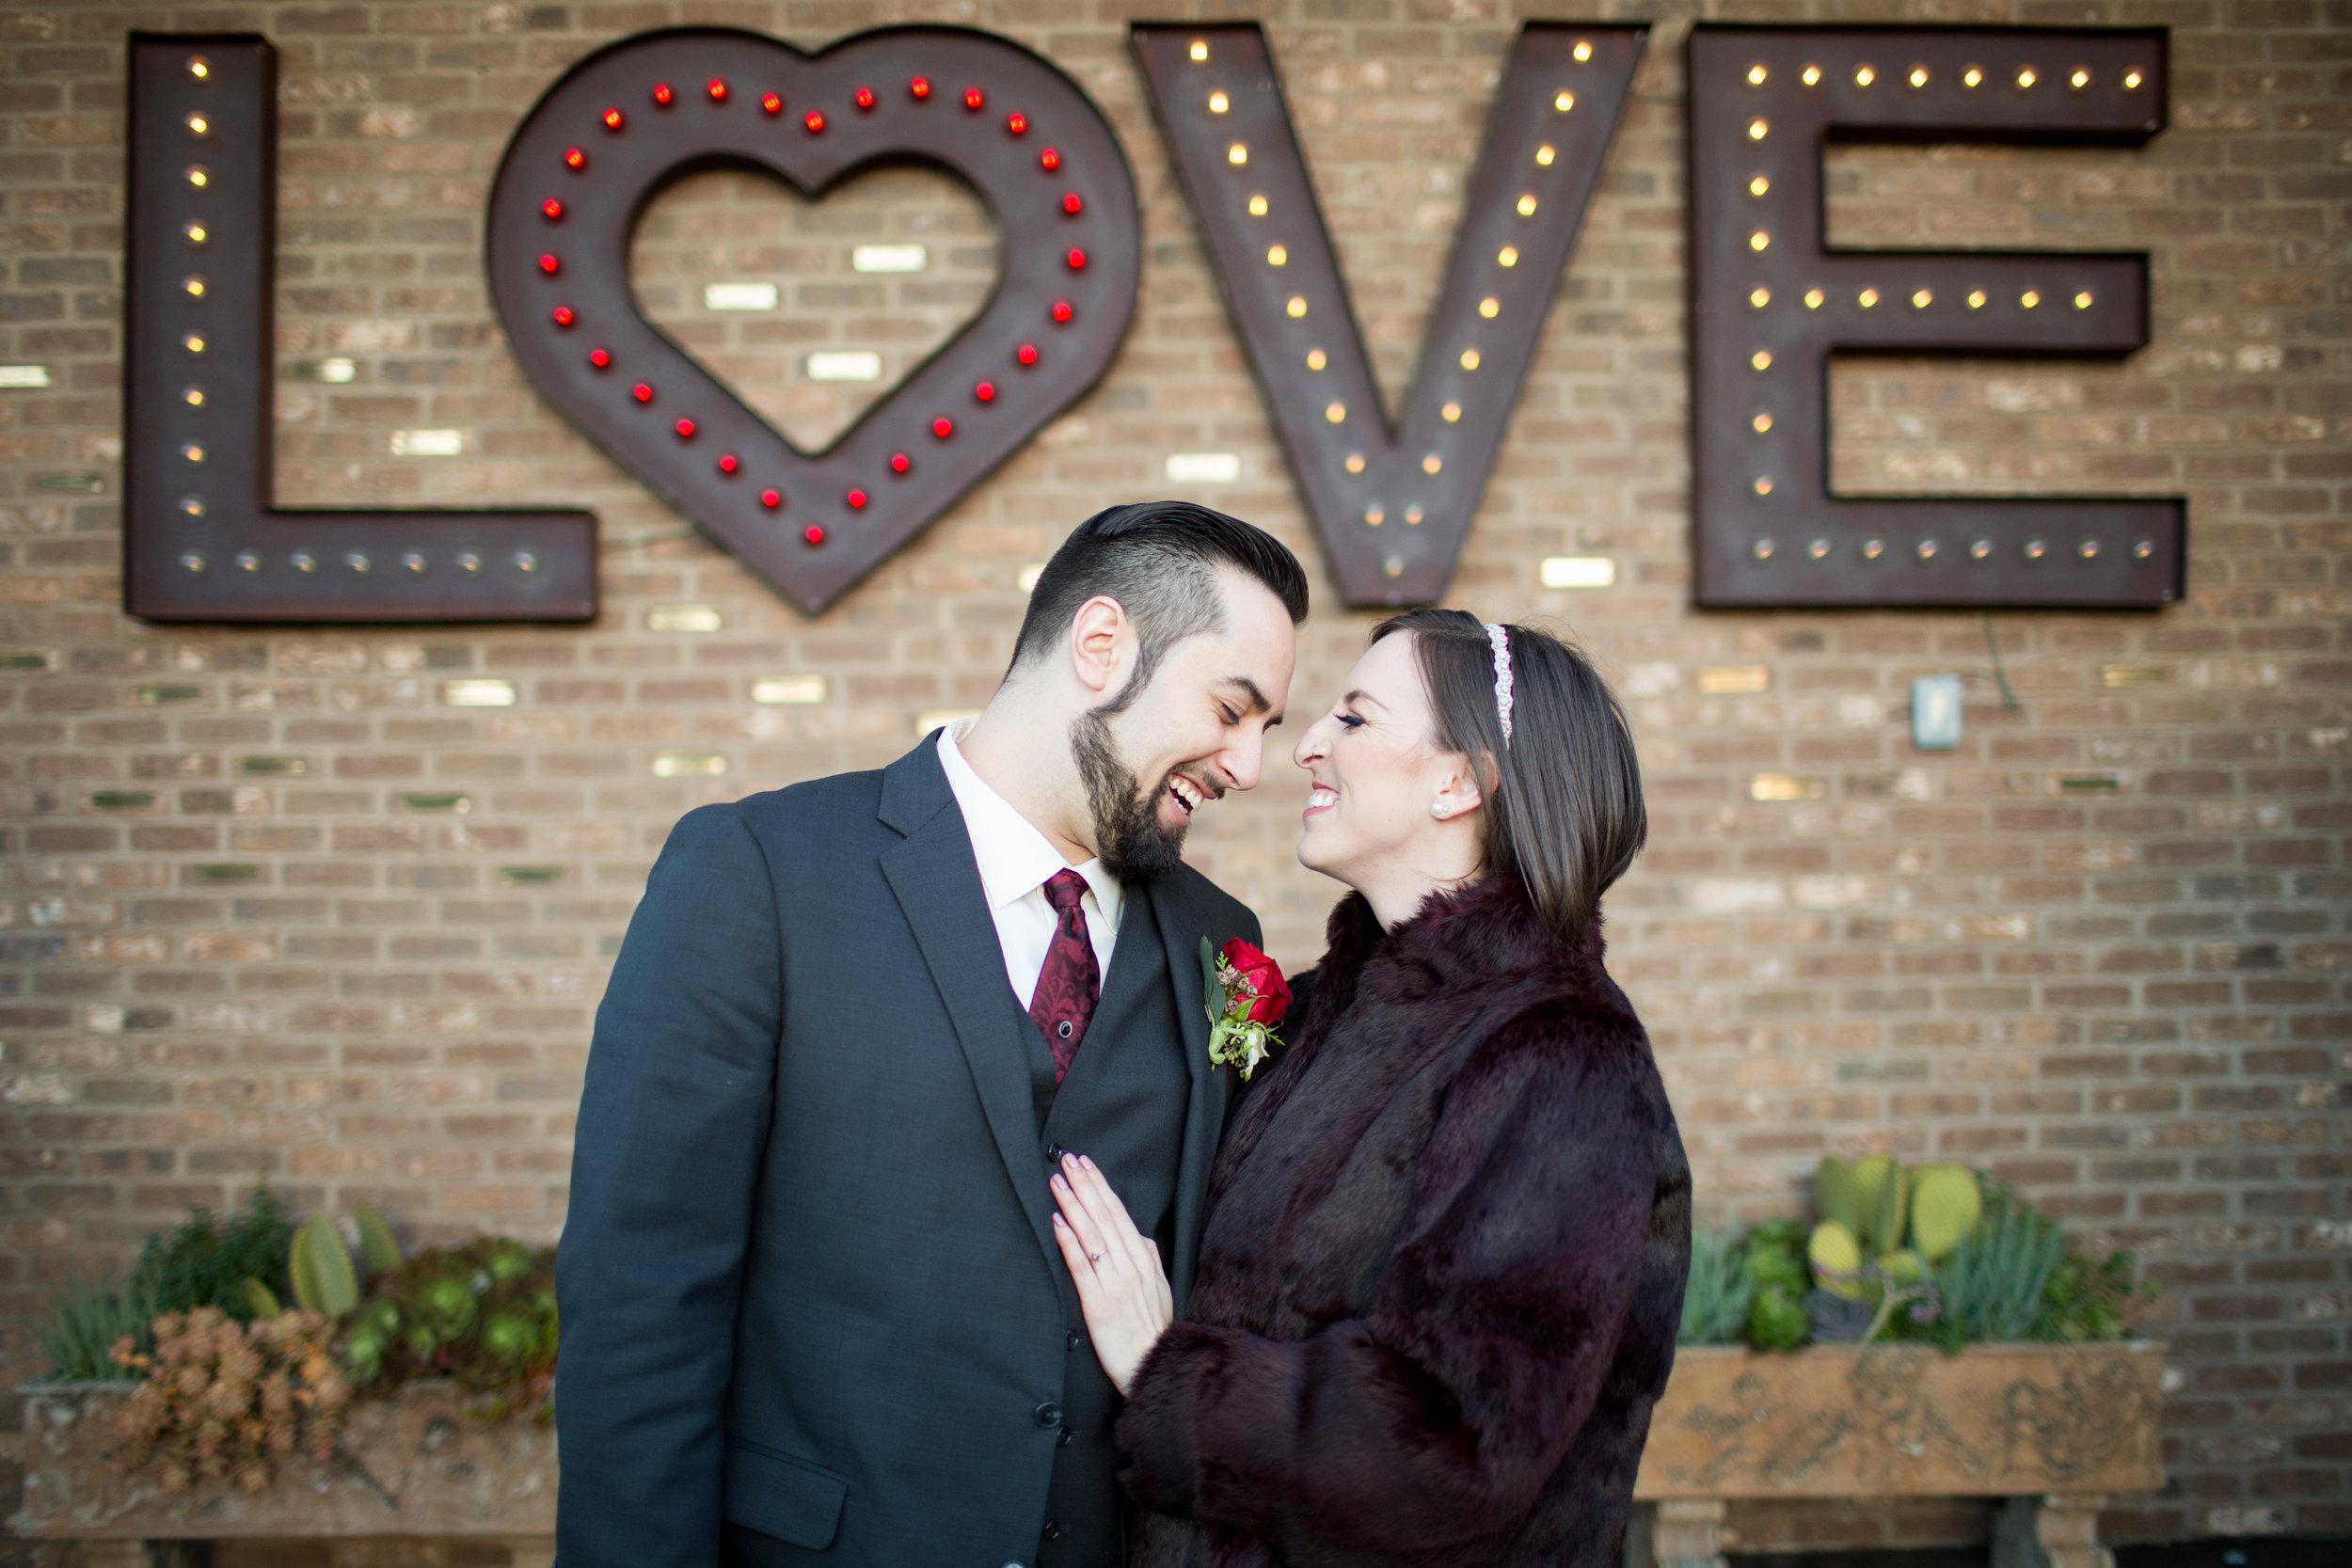 Renee&Jake_WeddingPreviews-011.jpg